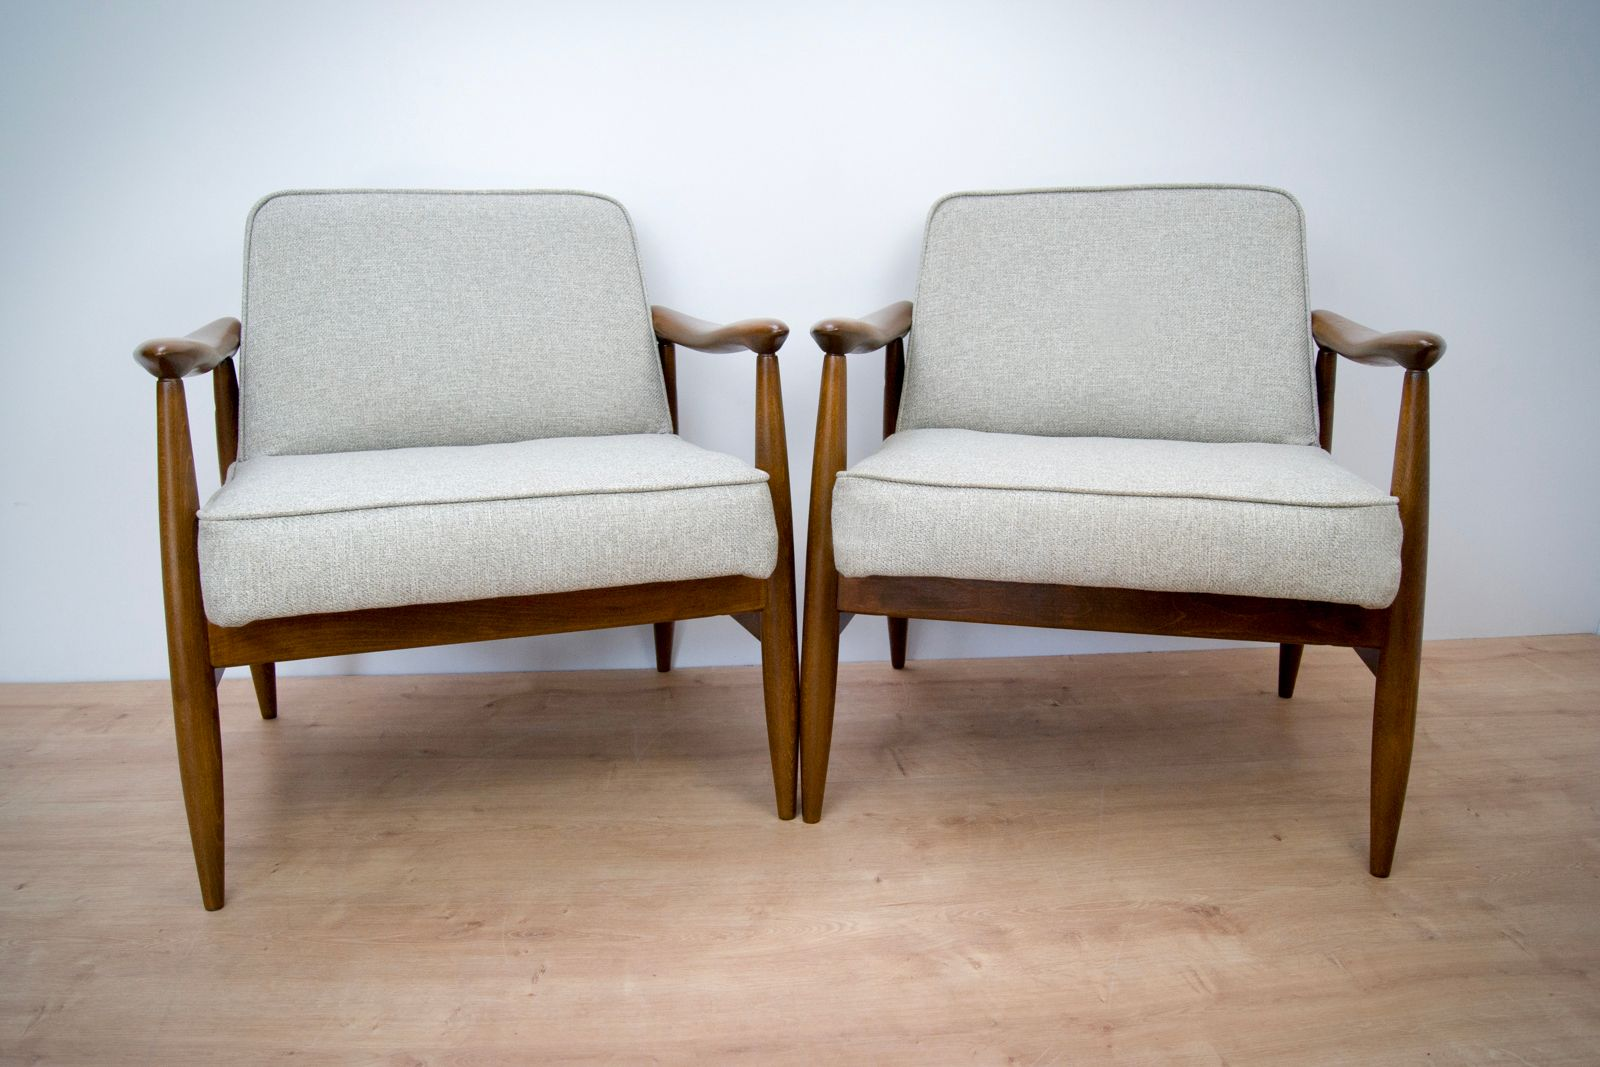 fauteuils gfm 87 mid century par juliusz kedziorek pour goscicinskie set de 2 2